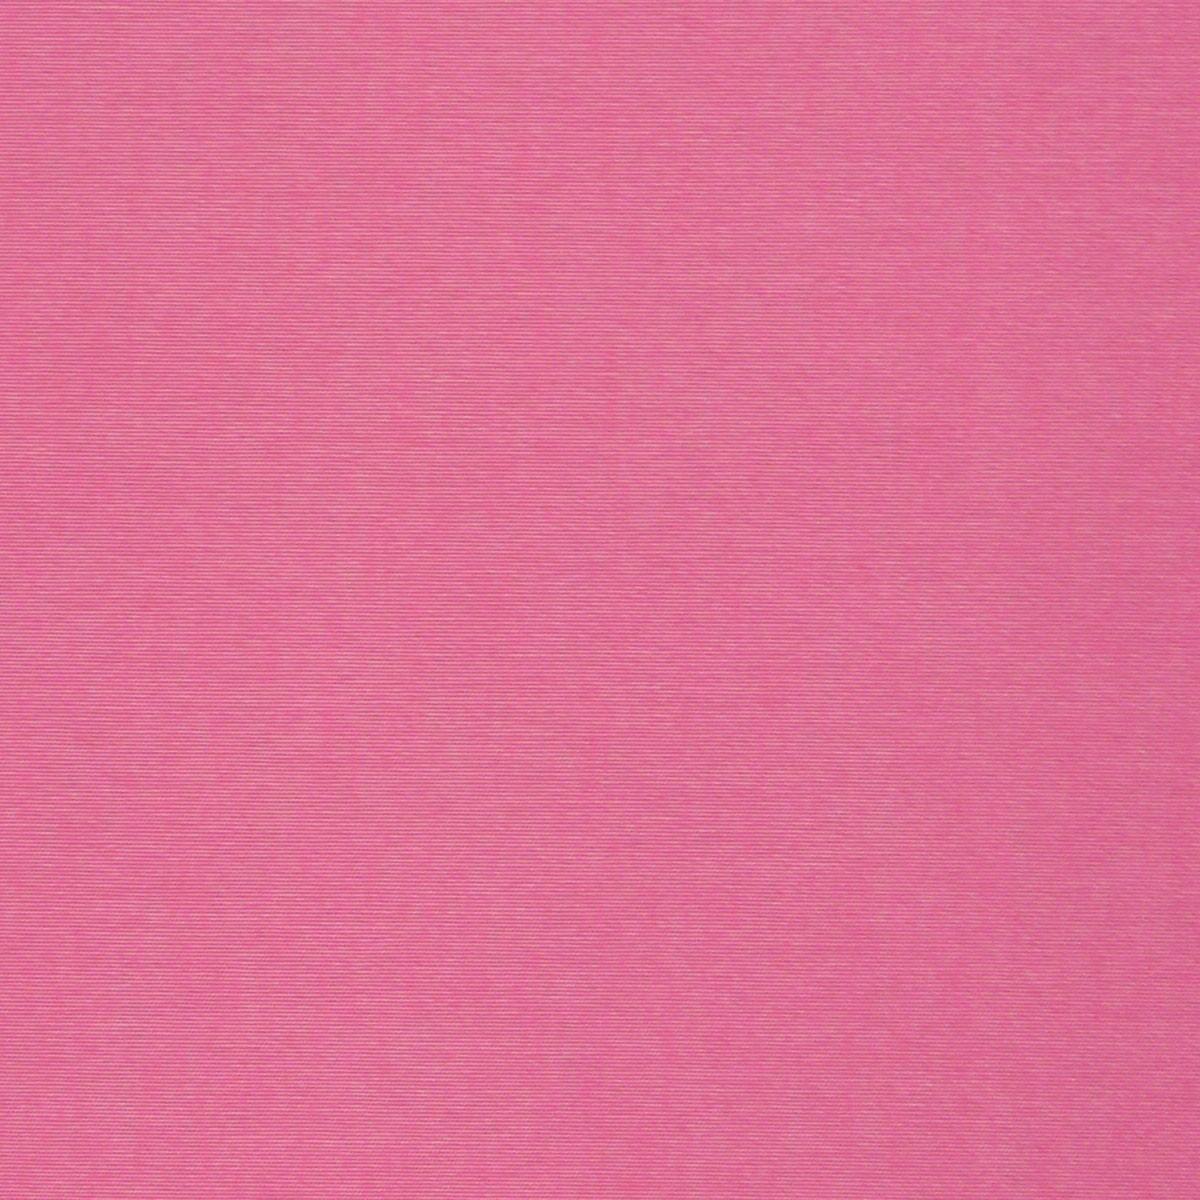 Outdoorstoff Markisenstoff Gartenmöbelstoff Toldo uni pink